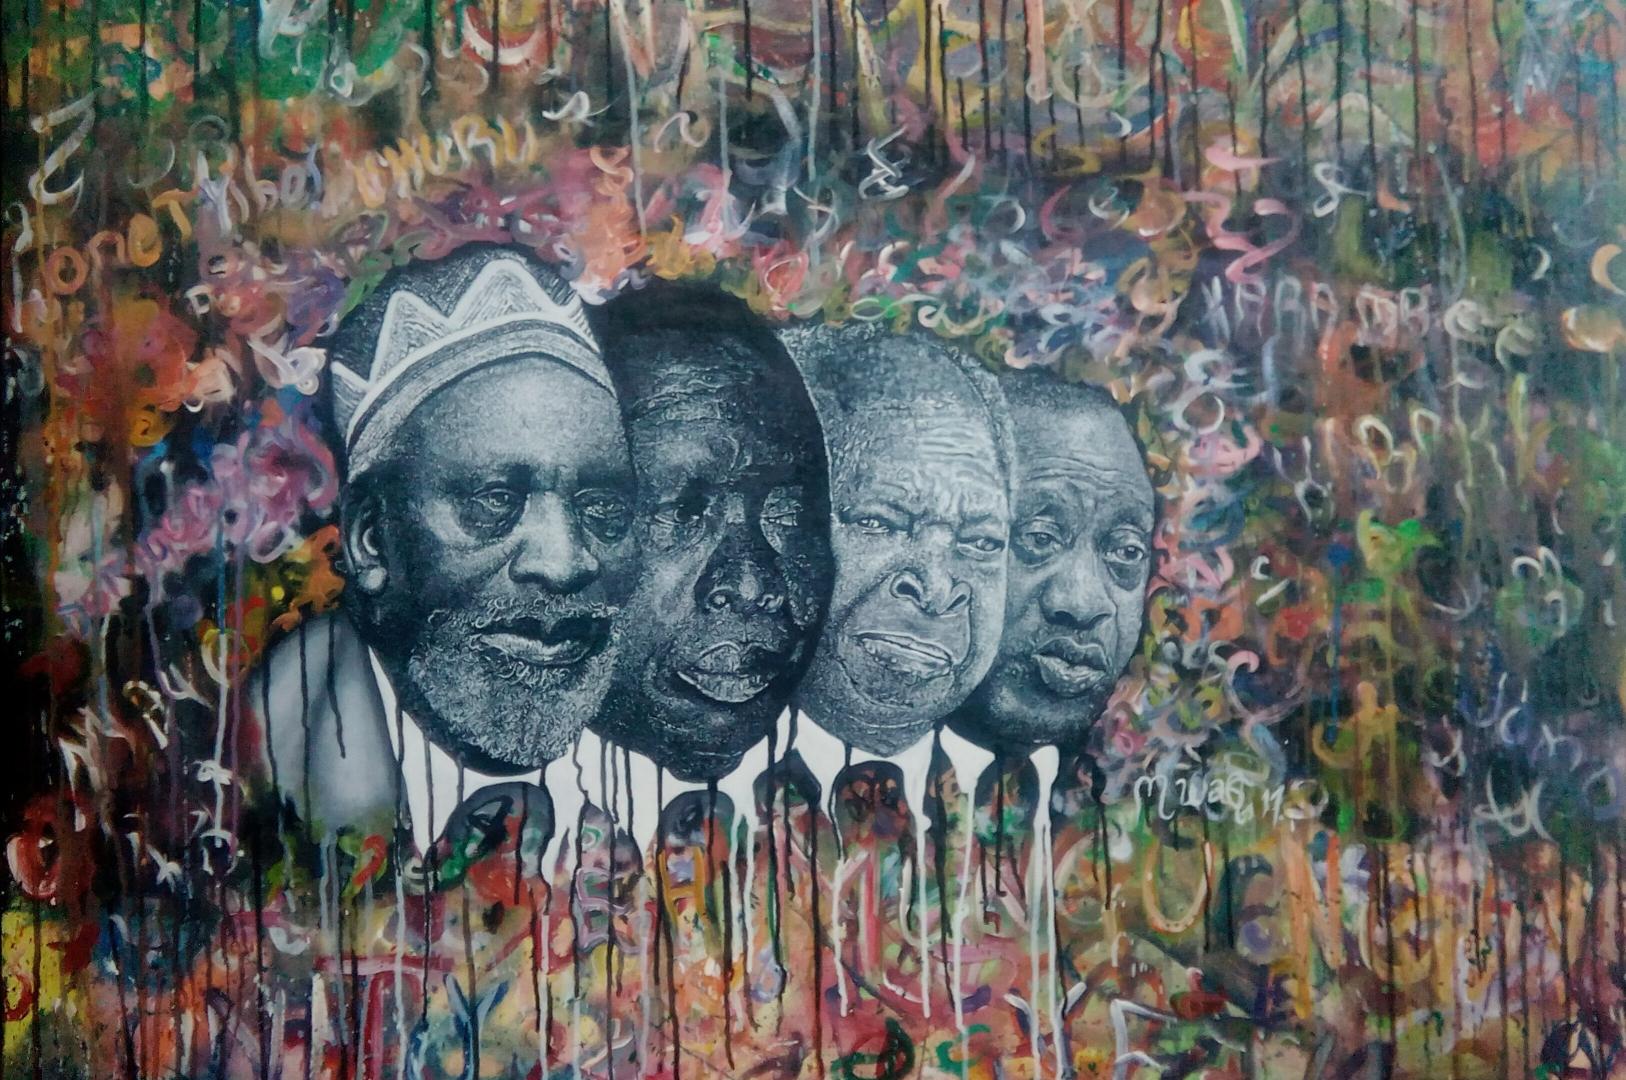 Mwangi Njoroge.